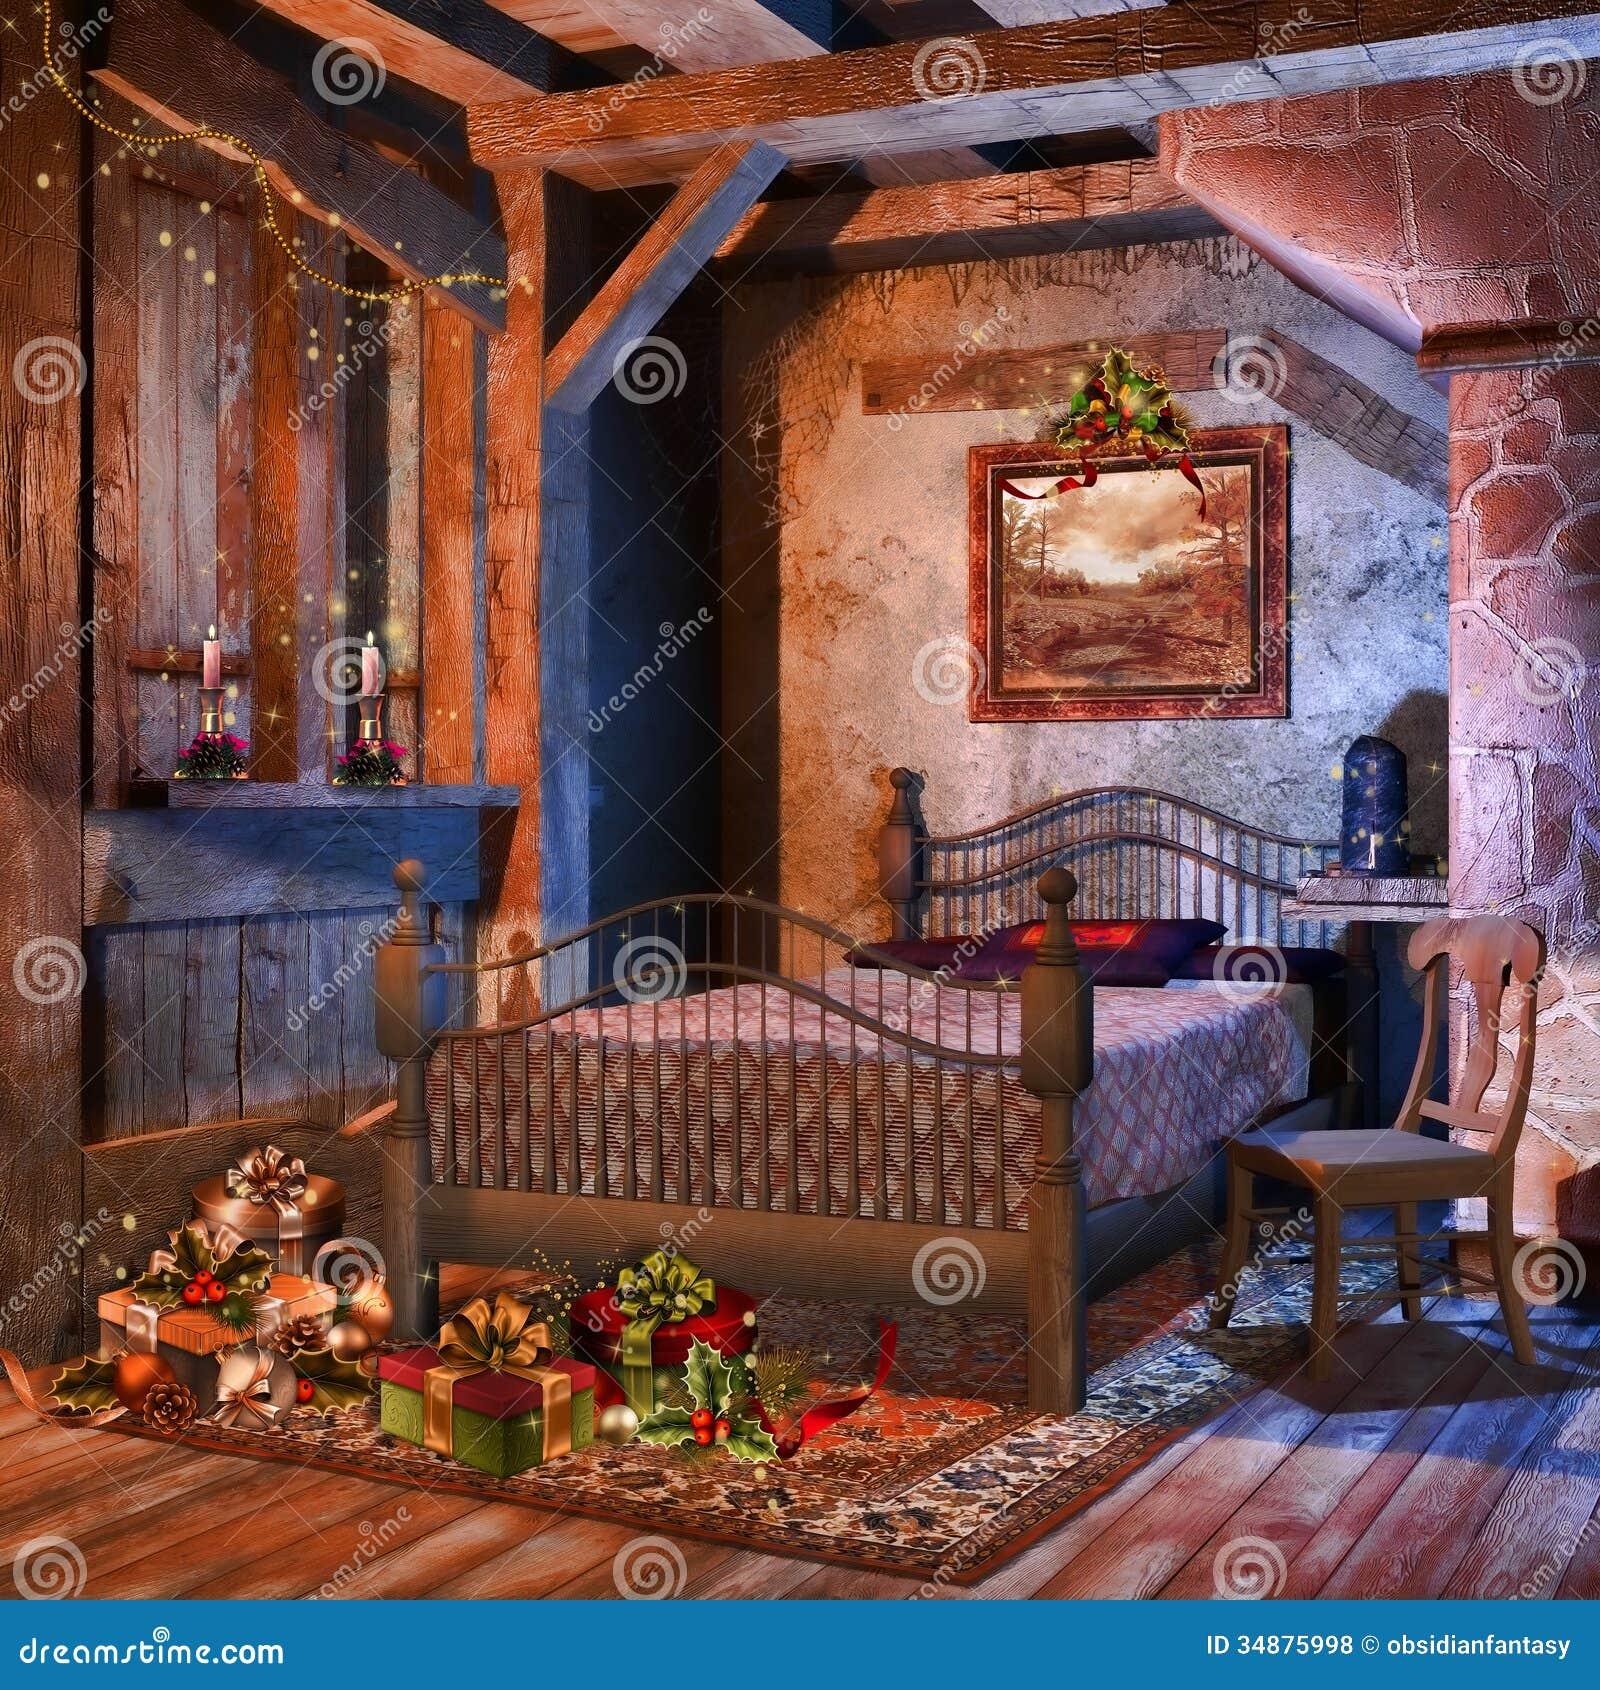 altes schlafzimmer mit geschenken lizenzfreie stockfotos - bild, Schlafzimmer entwurf